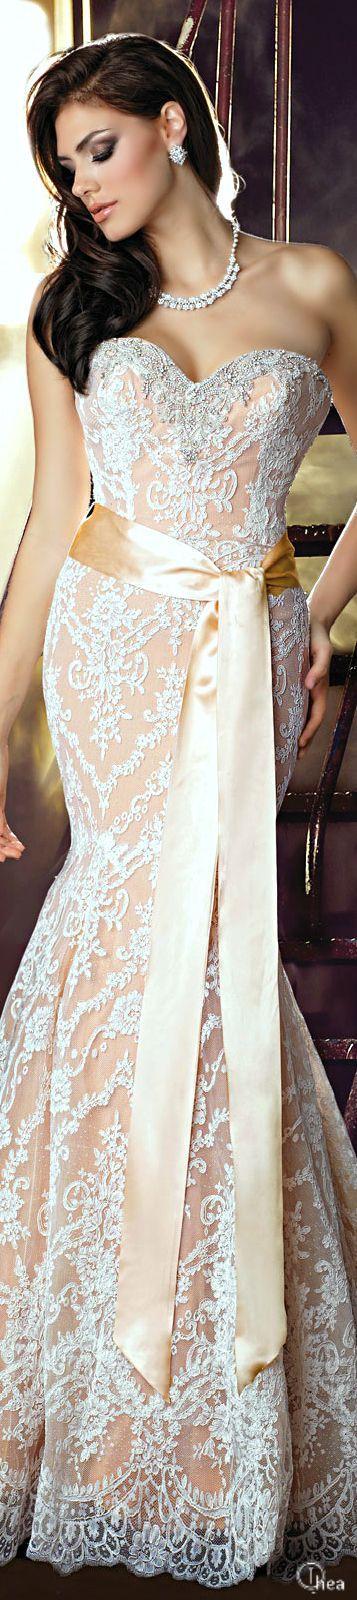 Mariage - Robes de mariée à partir de 2013 ❤ ️ 2015